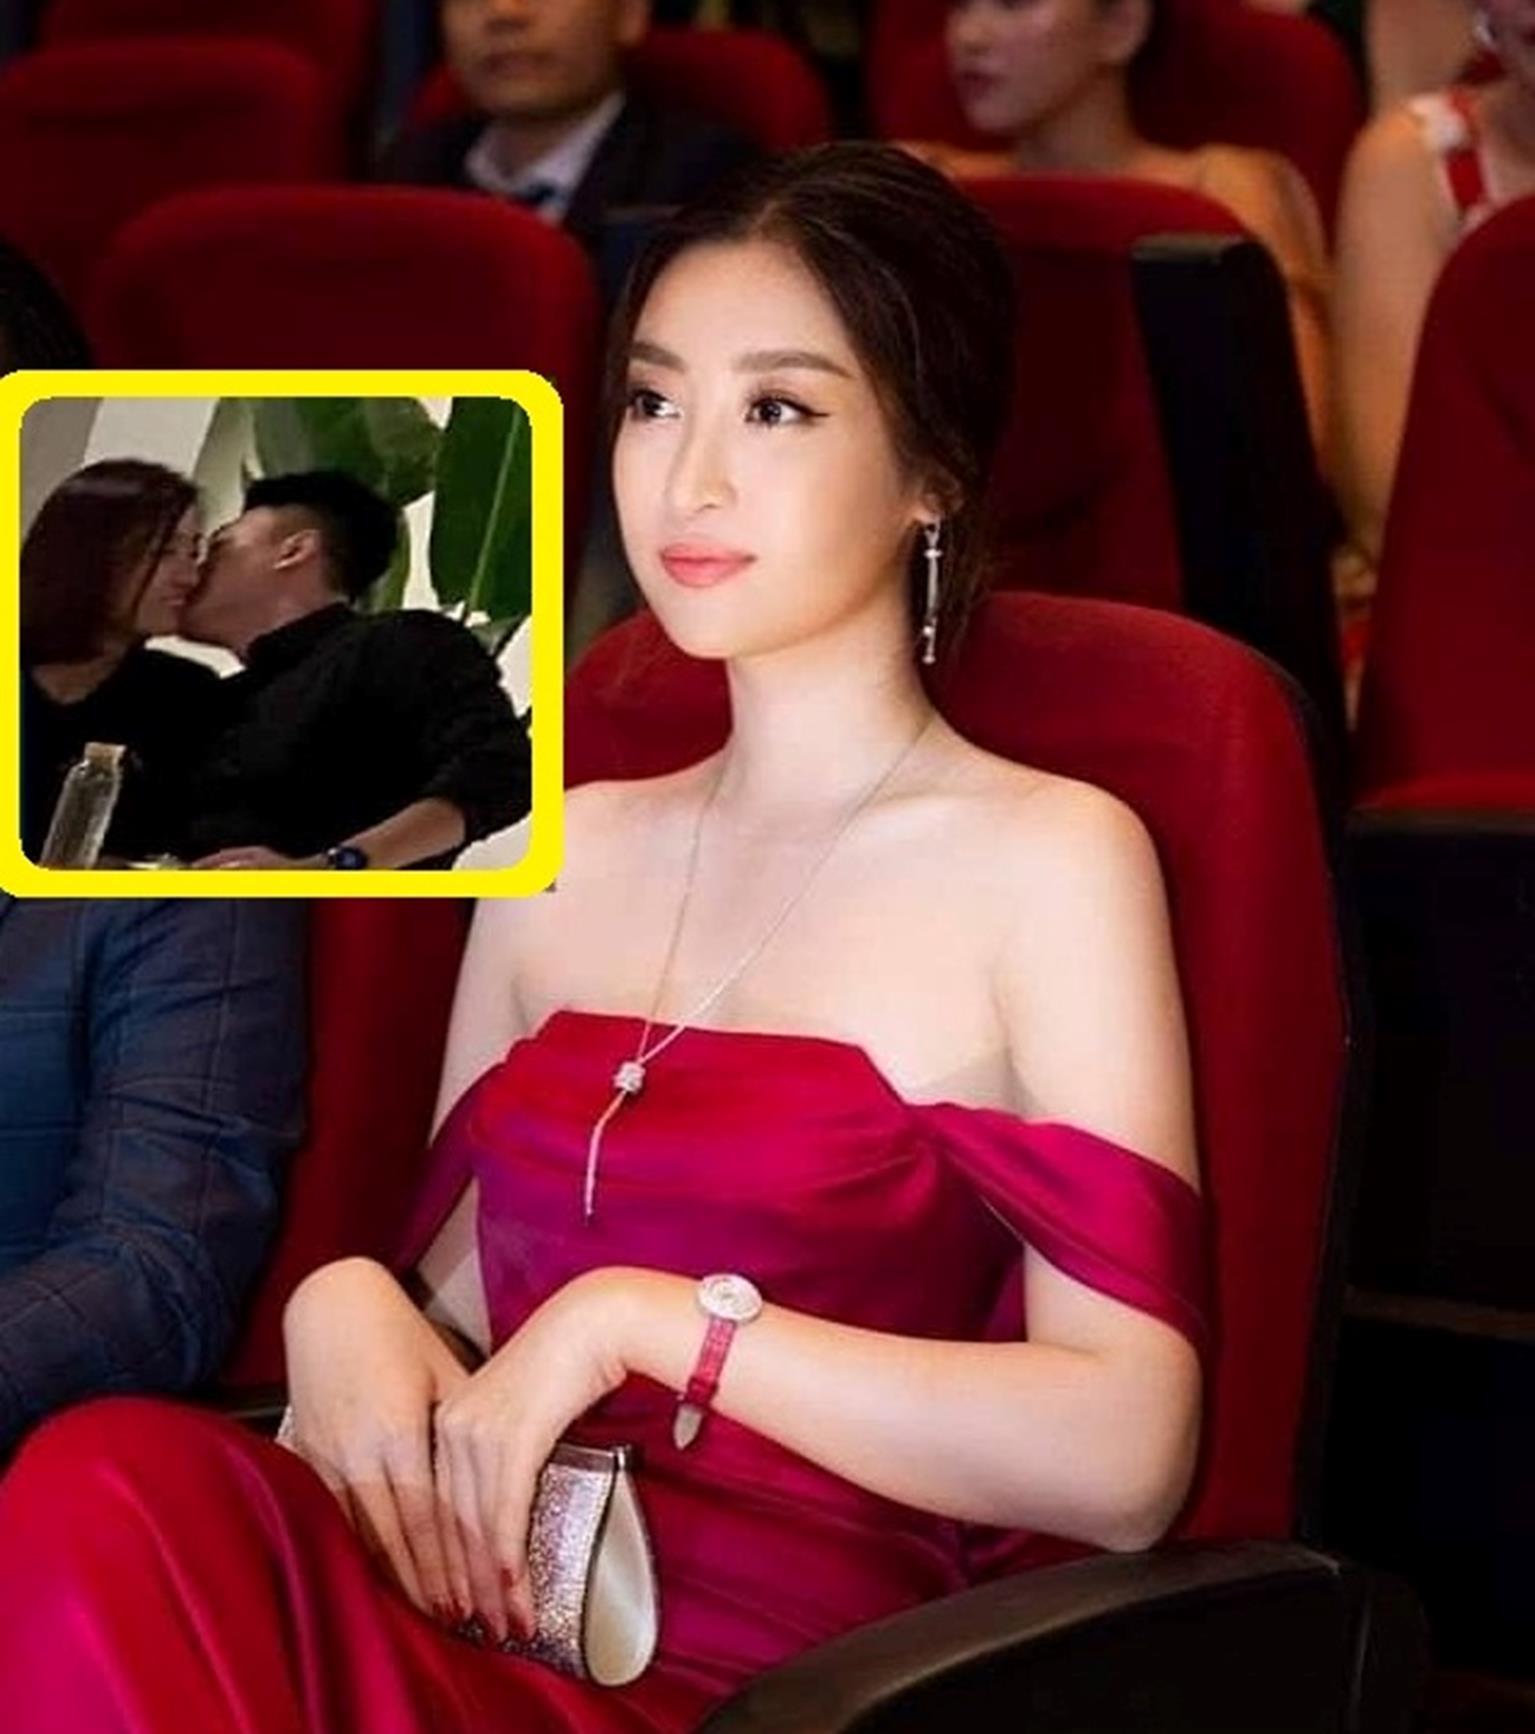 Hoa hậu Đỗ Mỹ Linh mặc đẹp tựa nữ thần, phớt lờ ồn ào bủa vây?-7